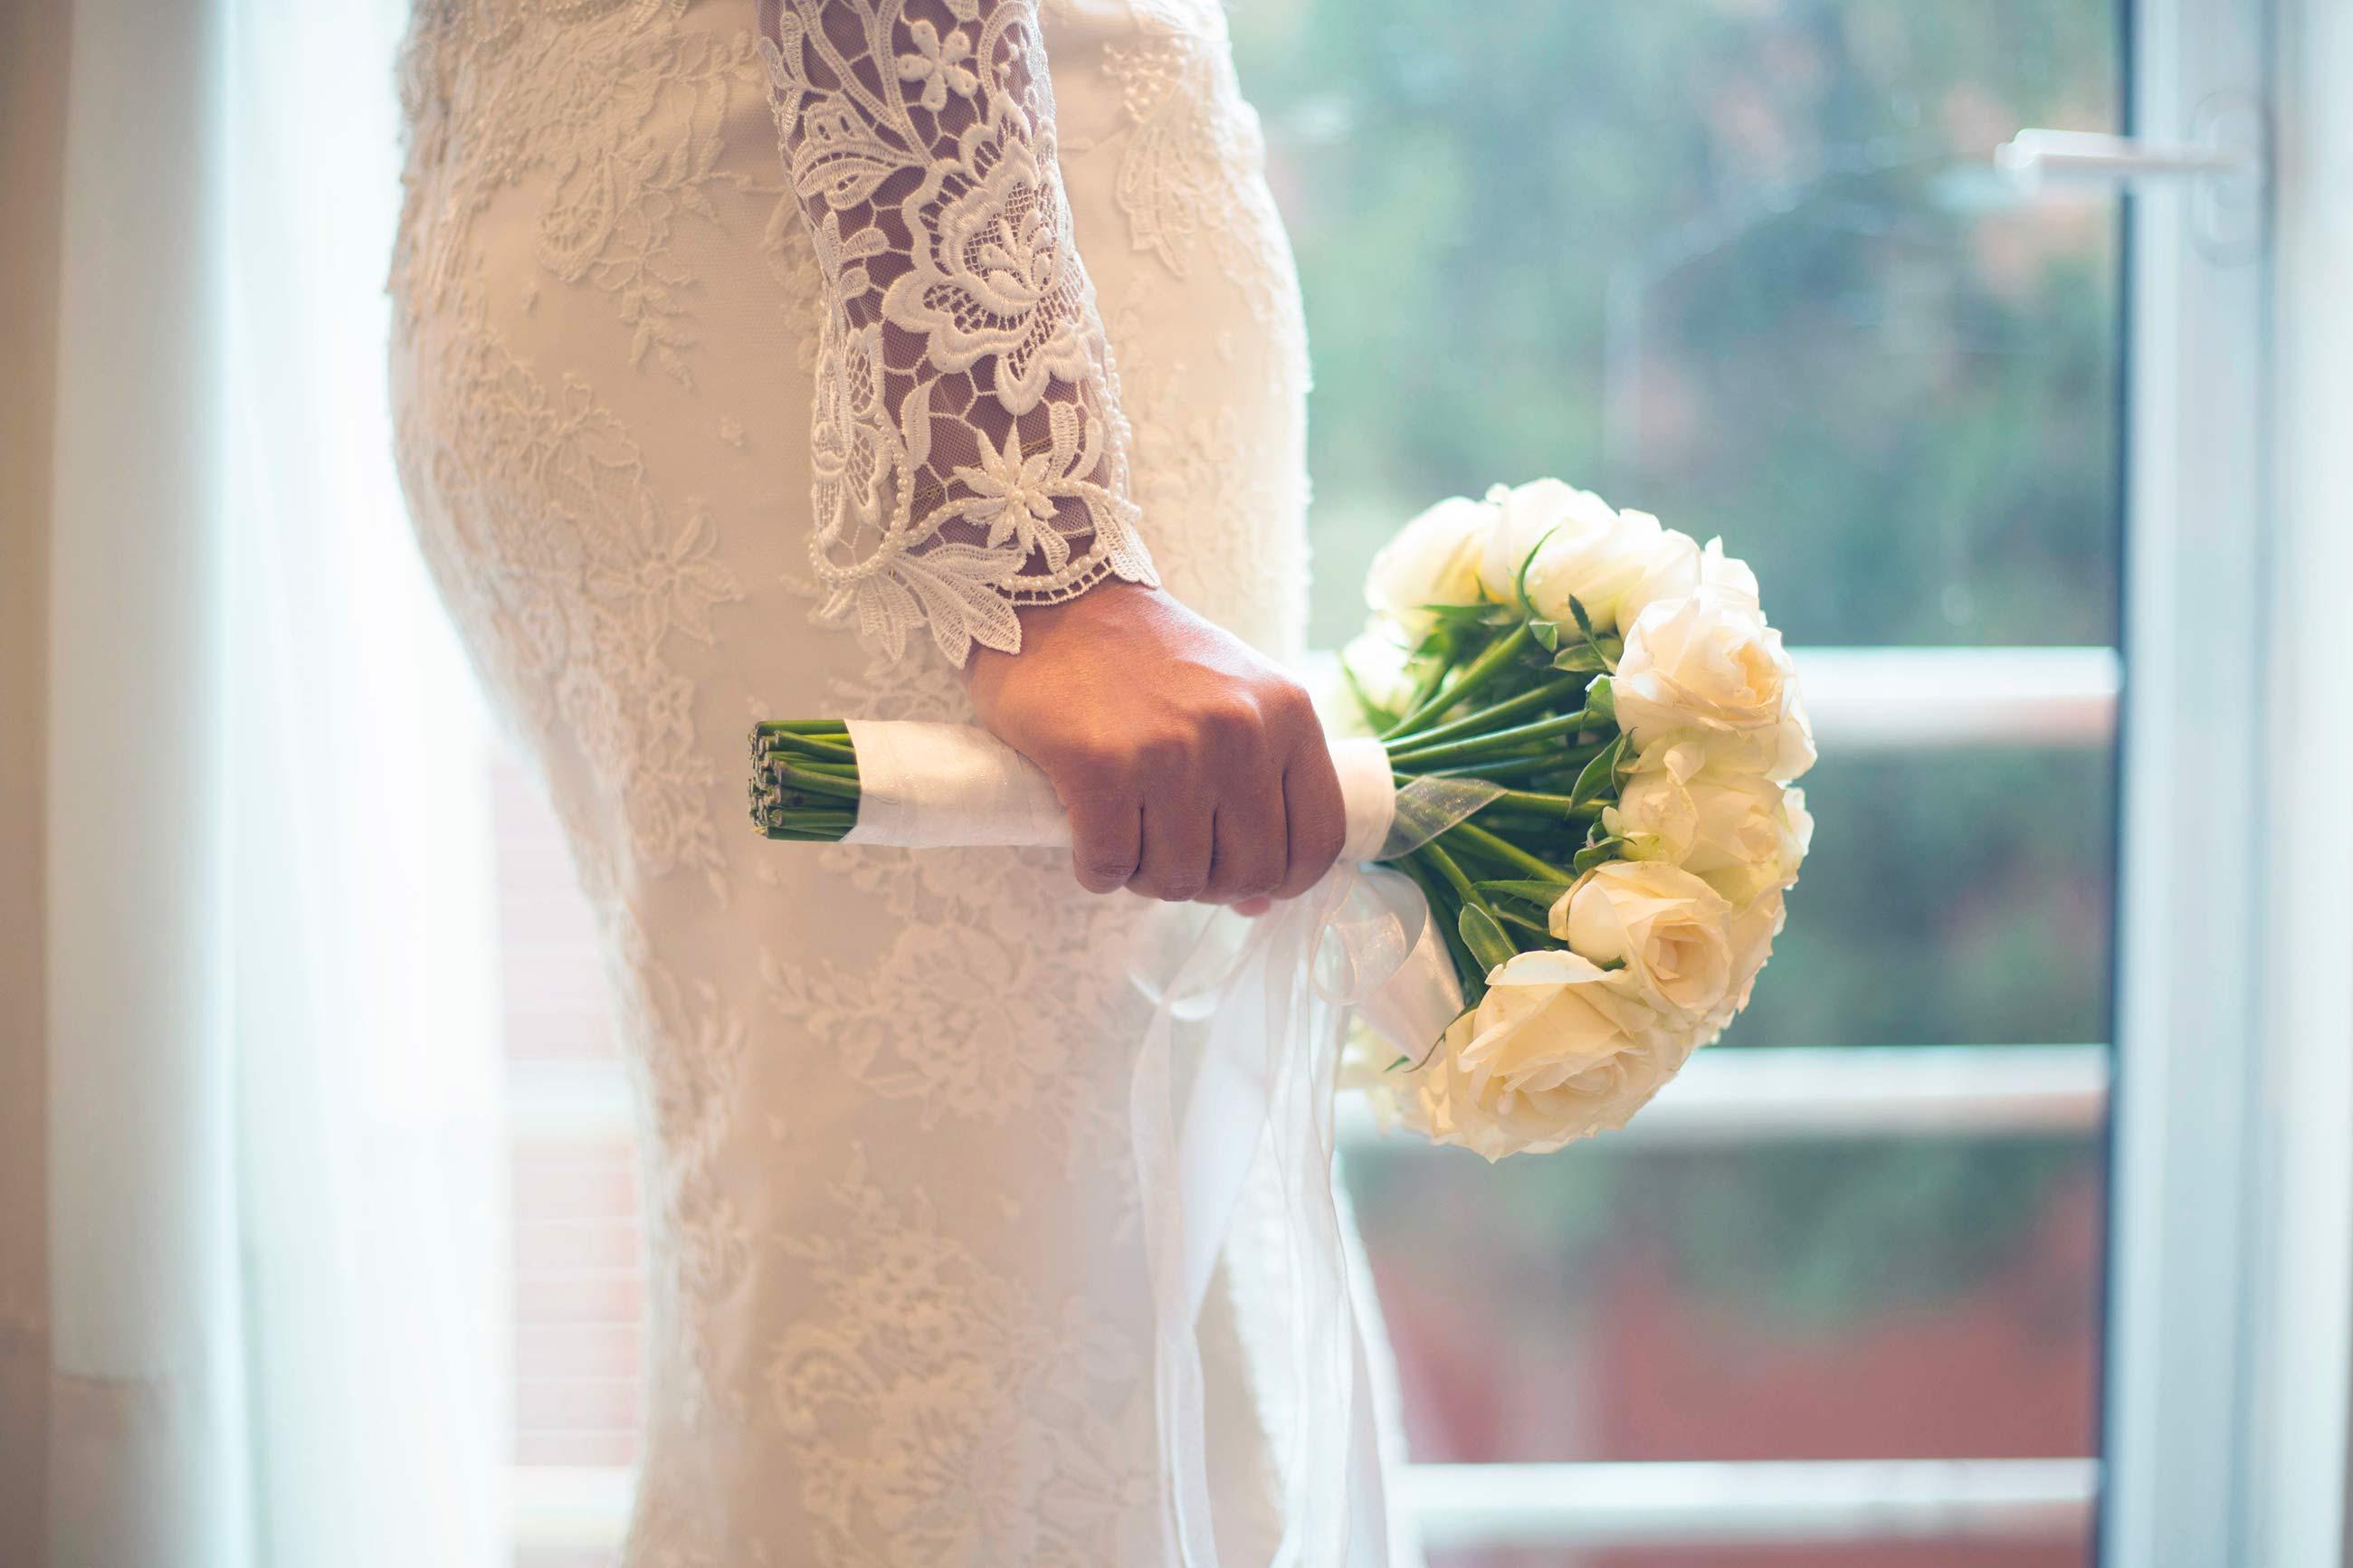 lea-jeremie-mariage-tel-aviv-israel-photographe-paris-video38